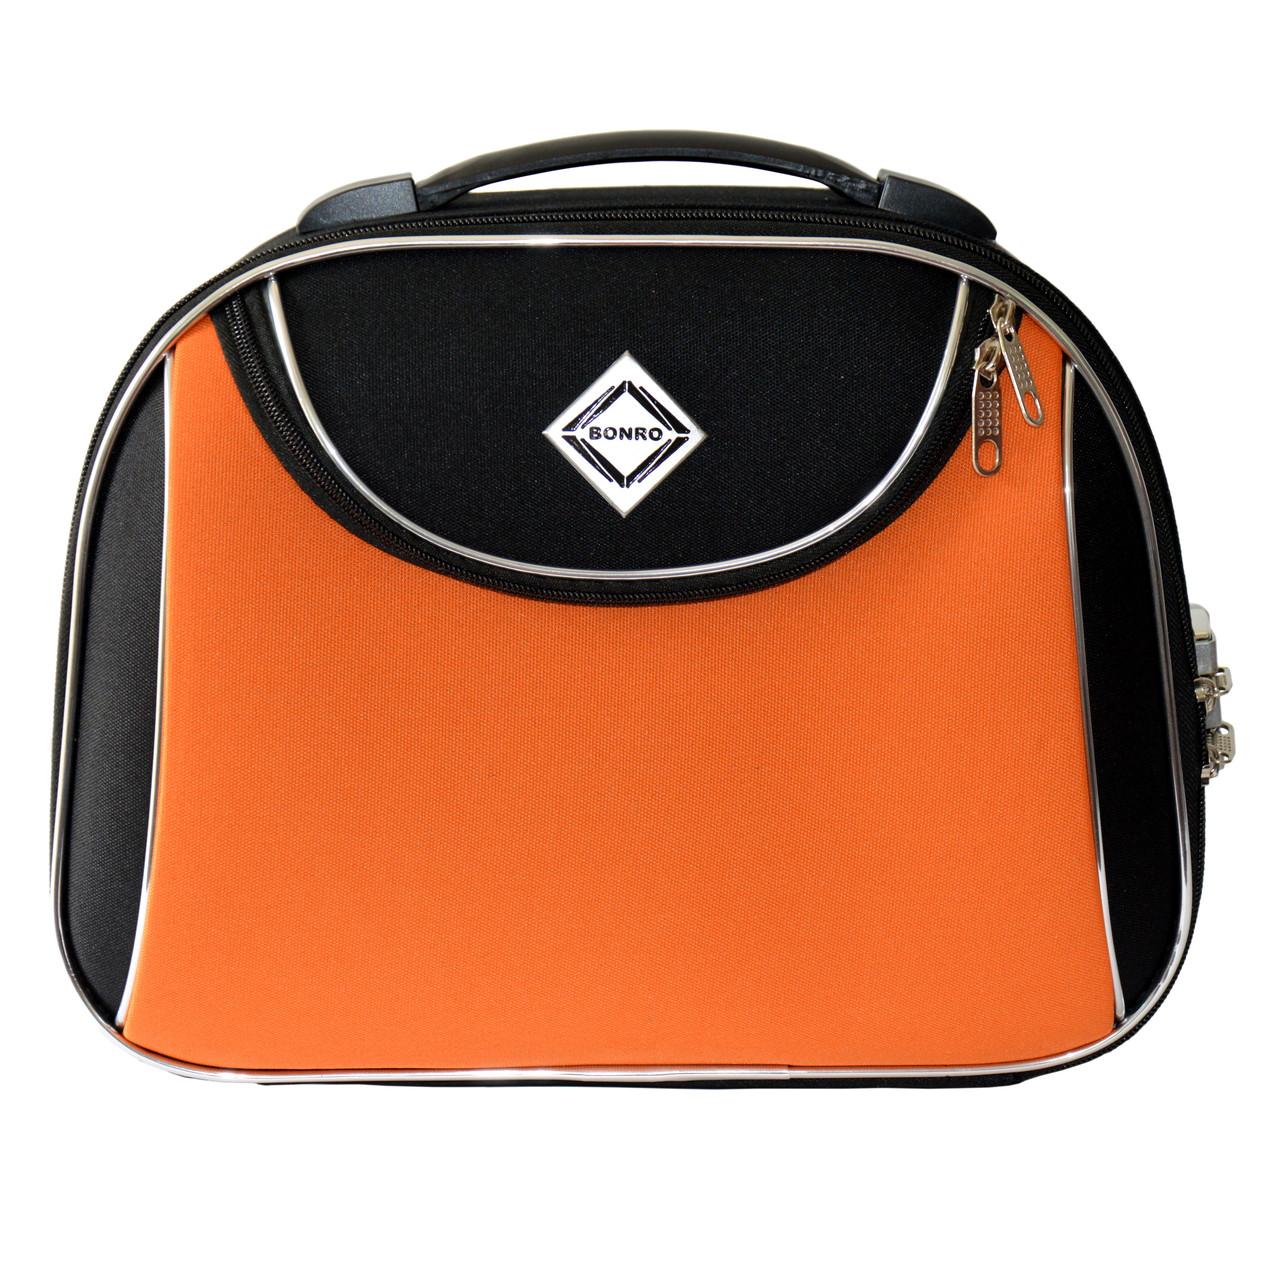 Сумка кейс саквояж Bonro Style (небольшой) черно-оранжевый